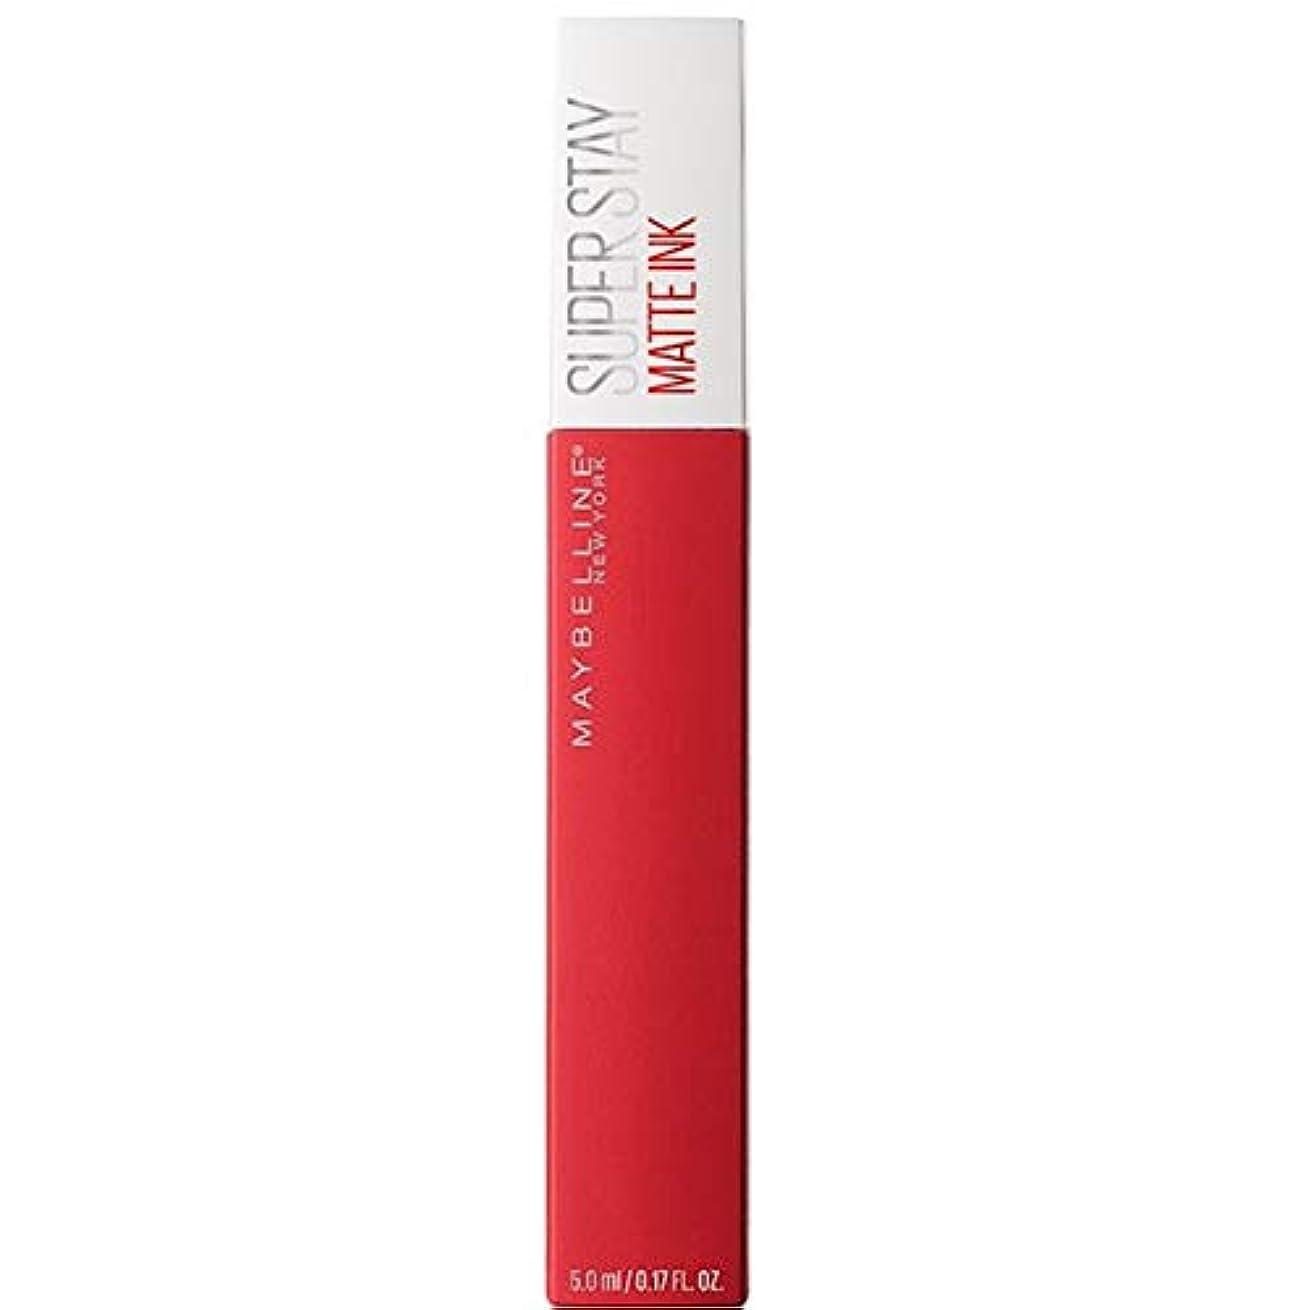 リンスデコードするコードレス[Maybelline ] メイベリンSuperstayマットインク液20パイオニア - Maybelline Superstay Matte Ink Liquid 20 Pioneer [並行輸入品]